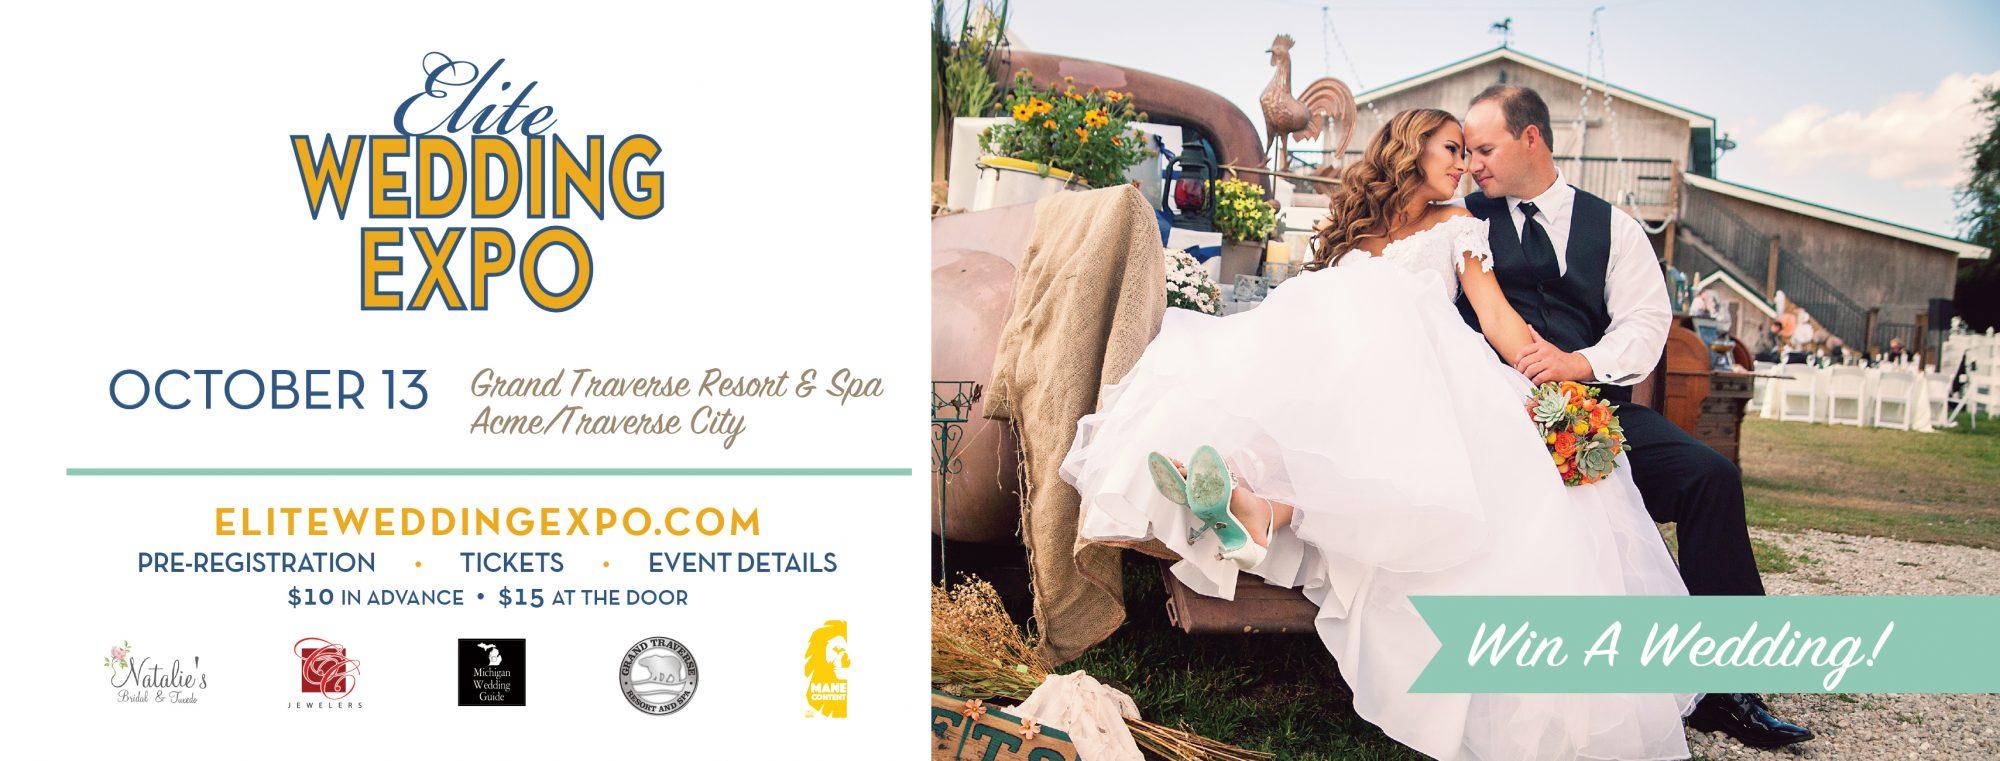 Elite Wedding Expo | Plan your Perfect Wedding & Honeymoon